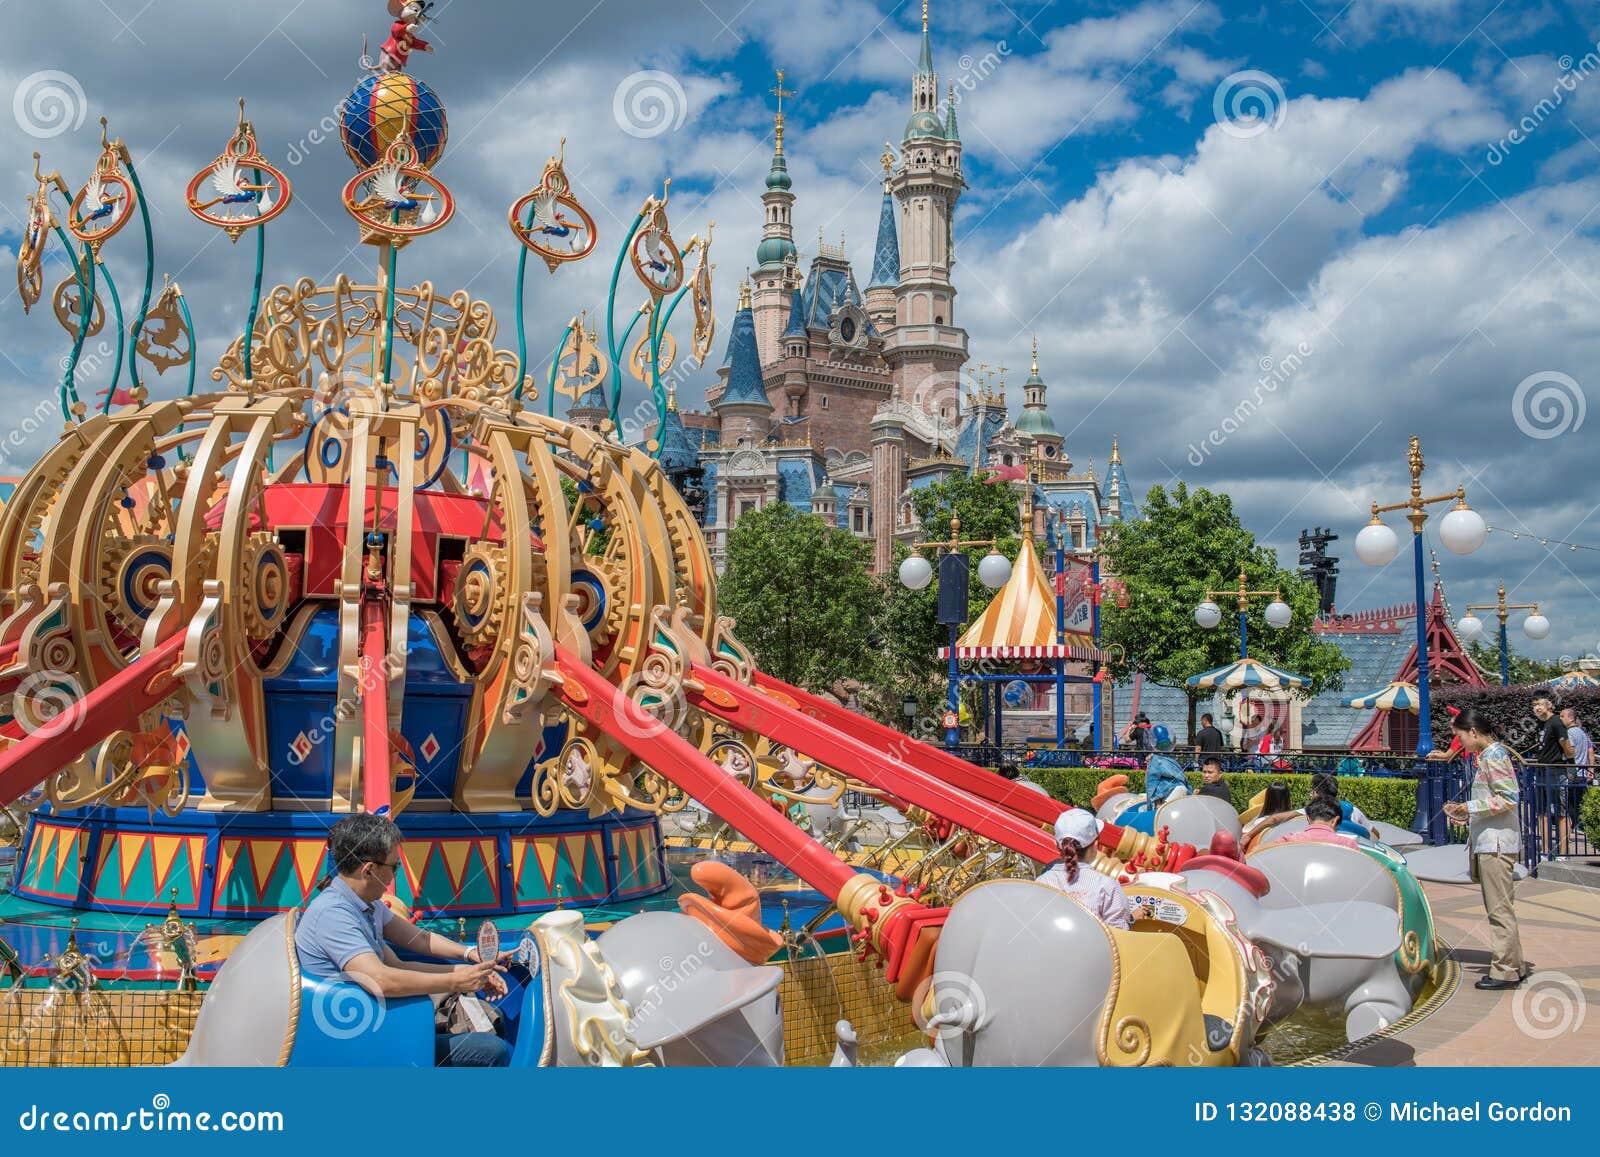 Shanghai Disneyland in Shanghai, China